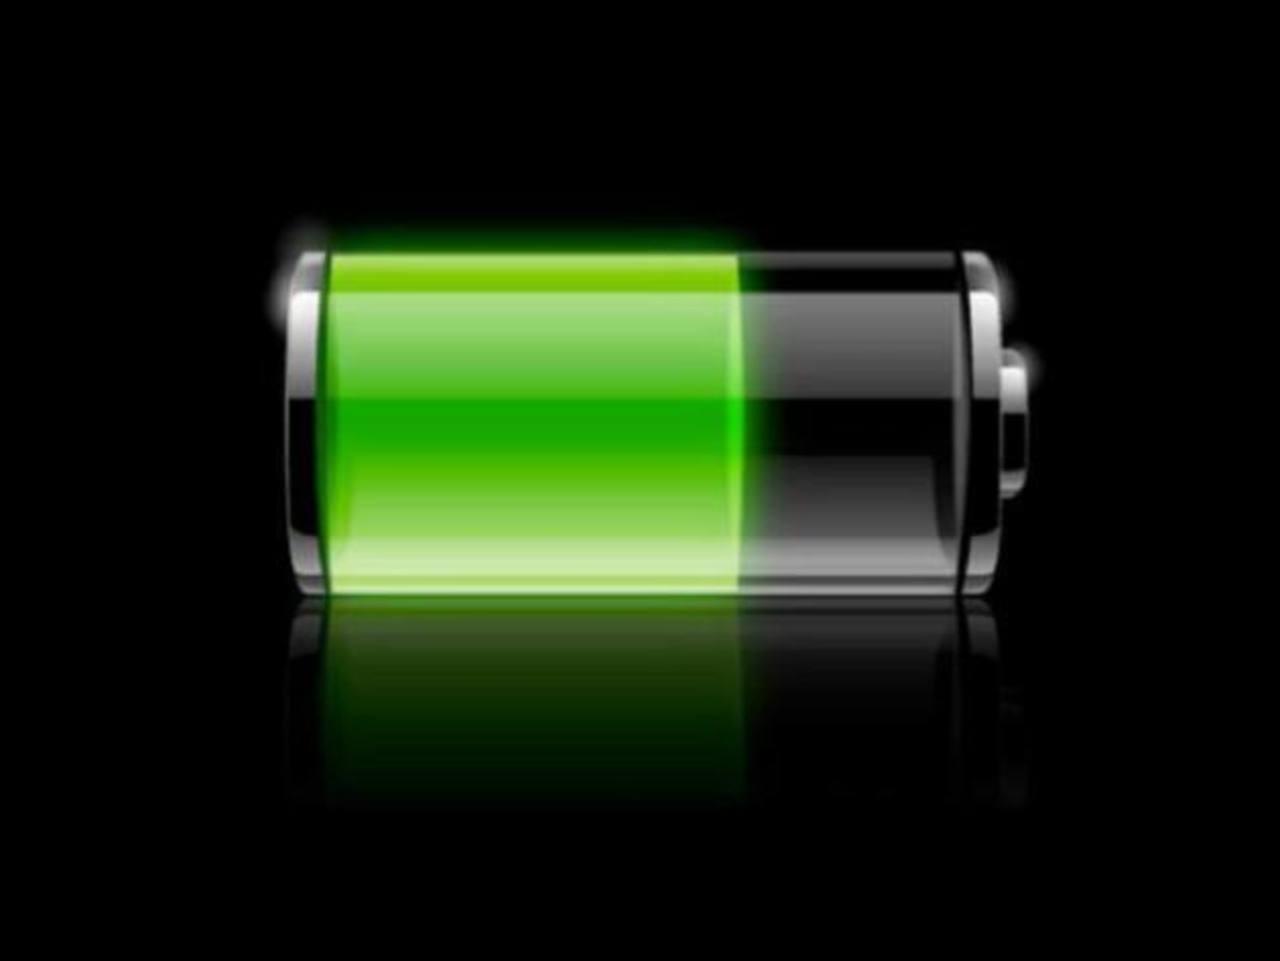 Trucos para alargar la duración de la batería del celular